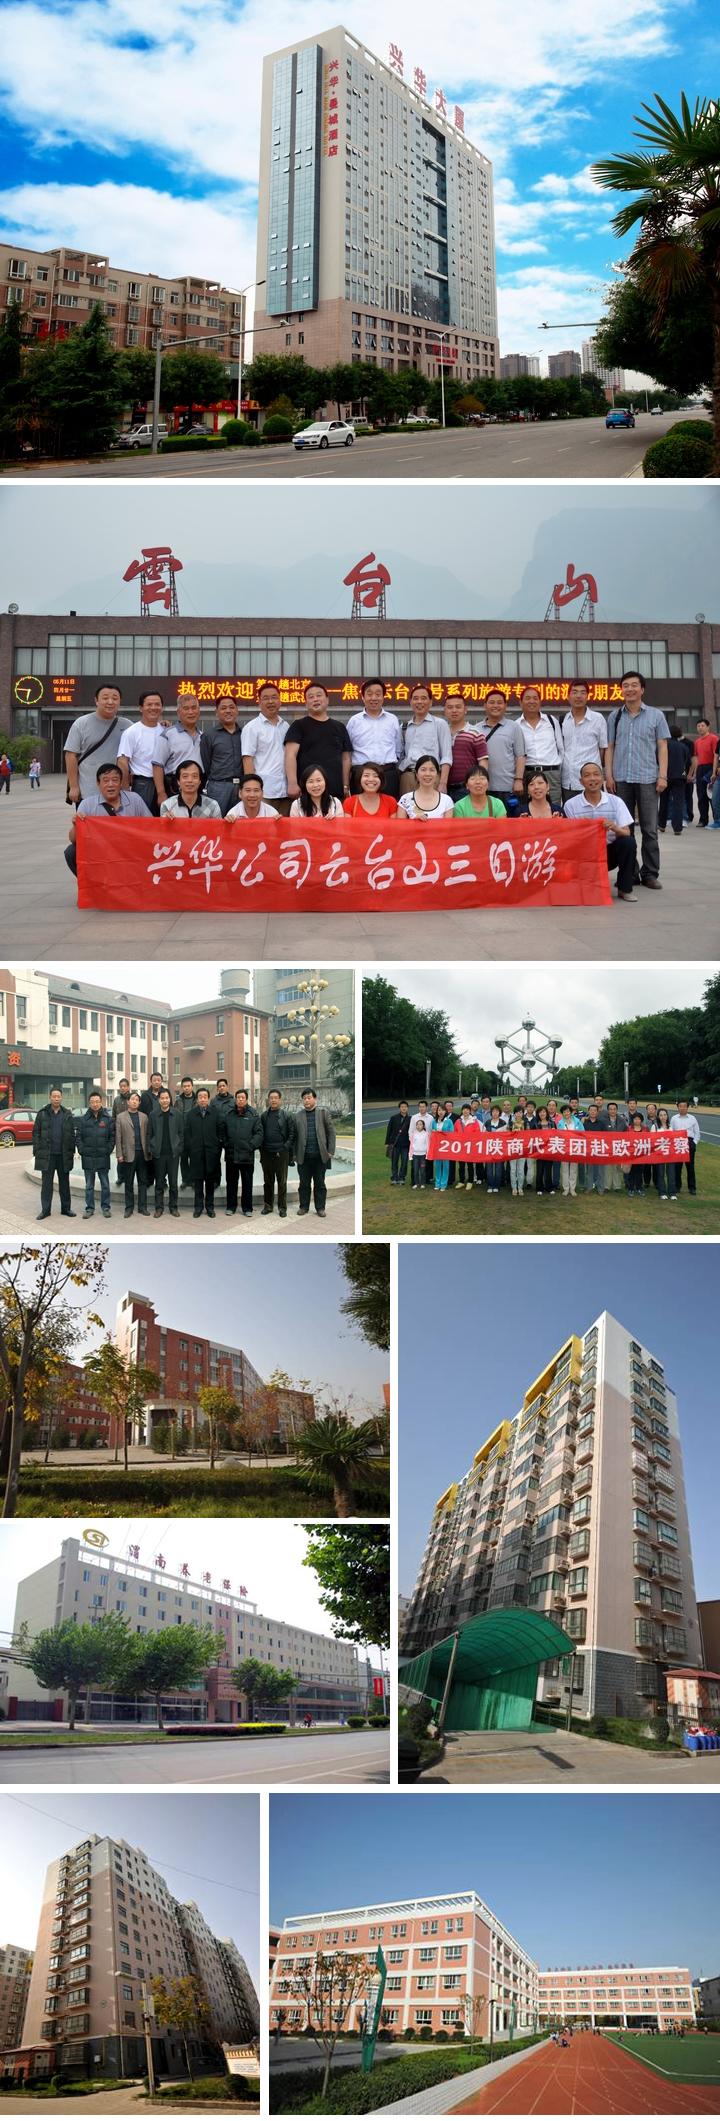 在左步祖的带领下,兴华公司全体员工愿与您携手未来,共创美好明